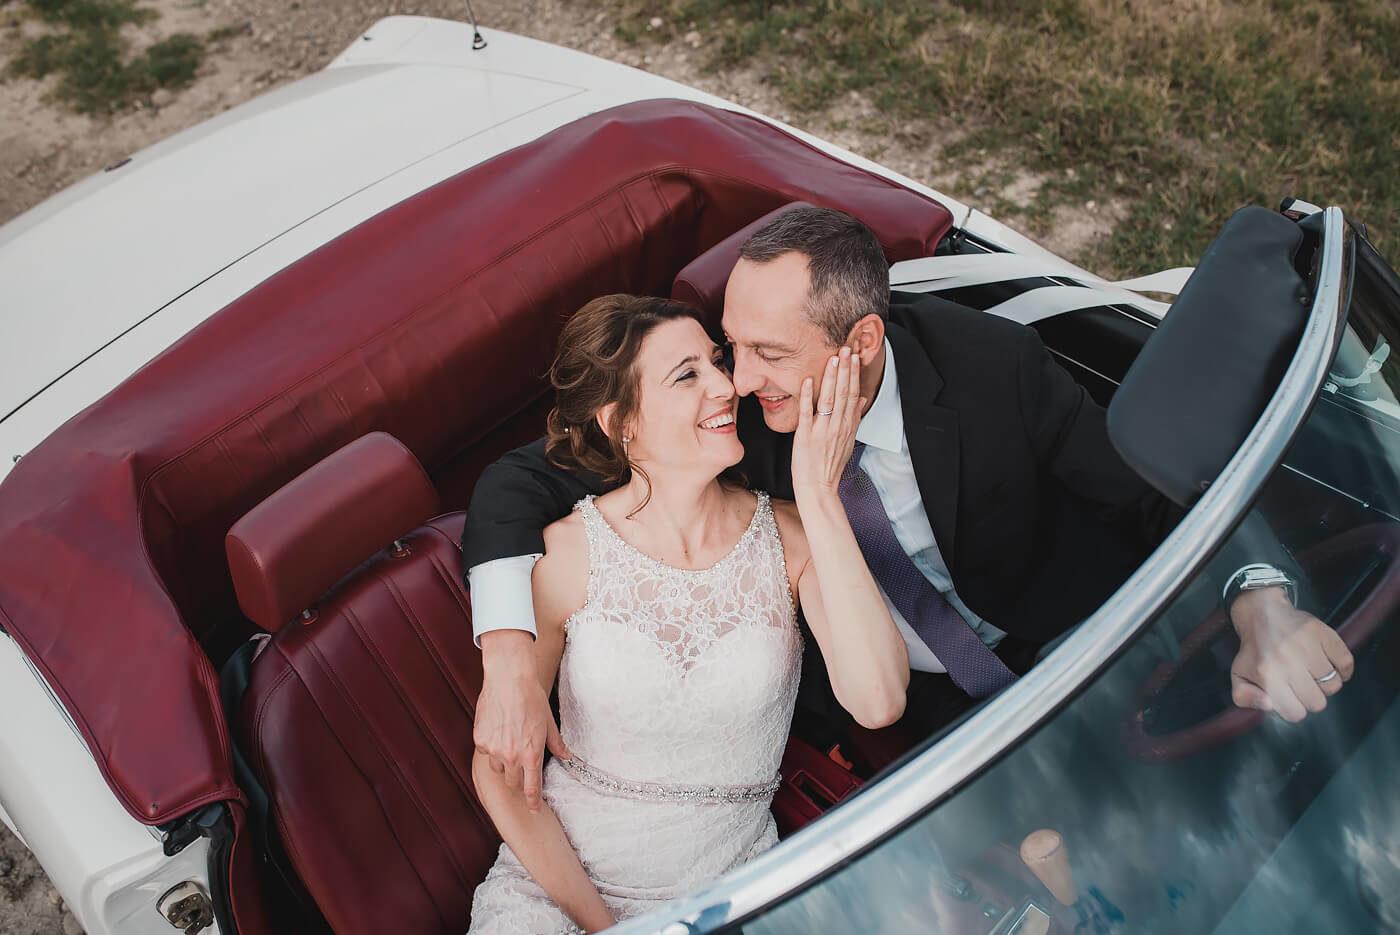 Fotografo di matrimonio Asti sposi che si abbracciano in una fiat spider cabriolet sulle colline di Zonin a Calliano